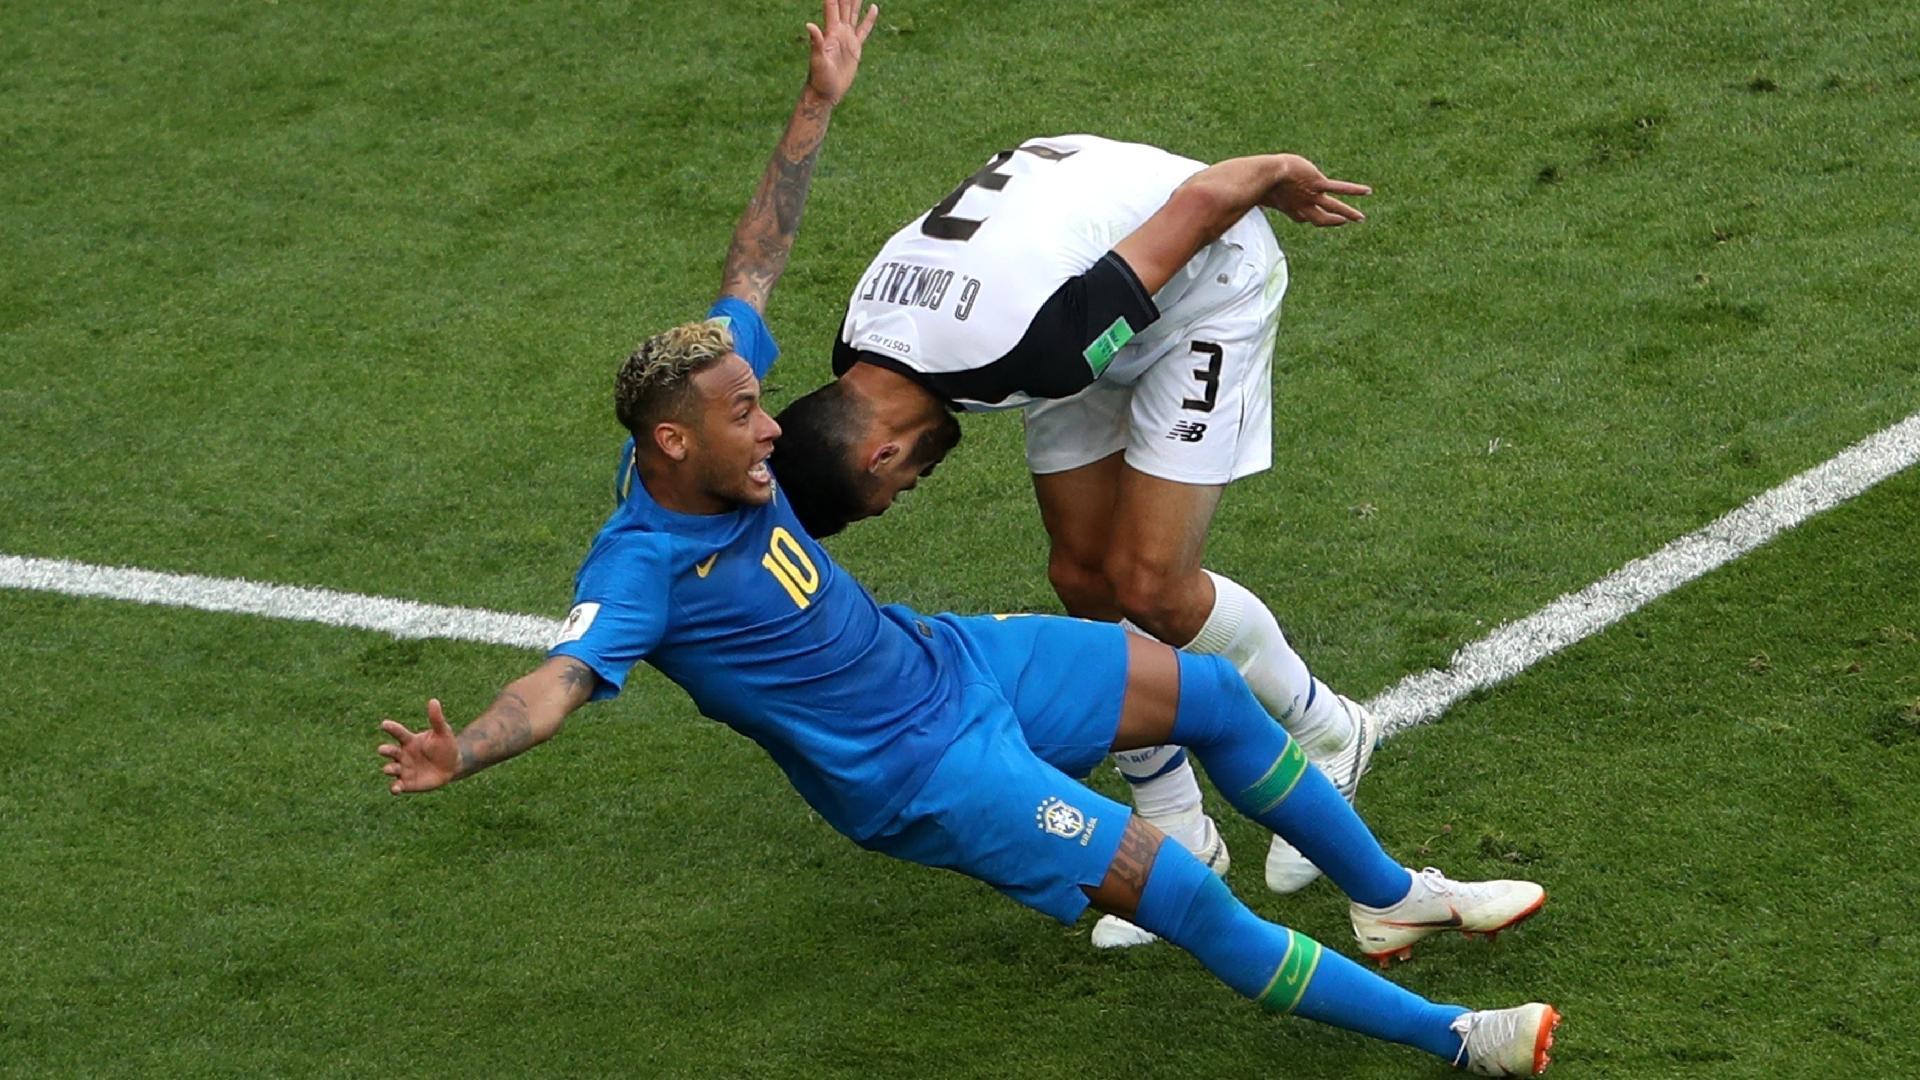 Neymar cai dentro da área e juiz deu penalidade. Mas decisão foi cancelada após o VAR